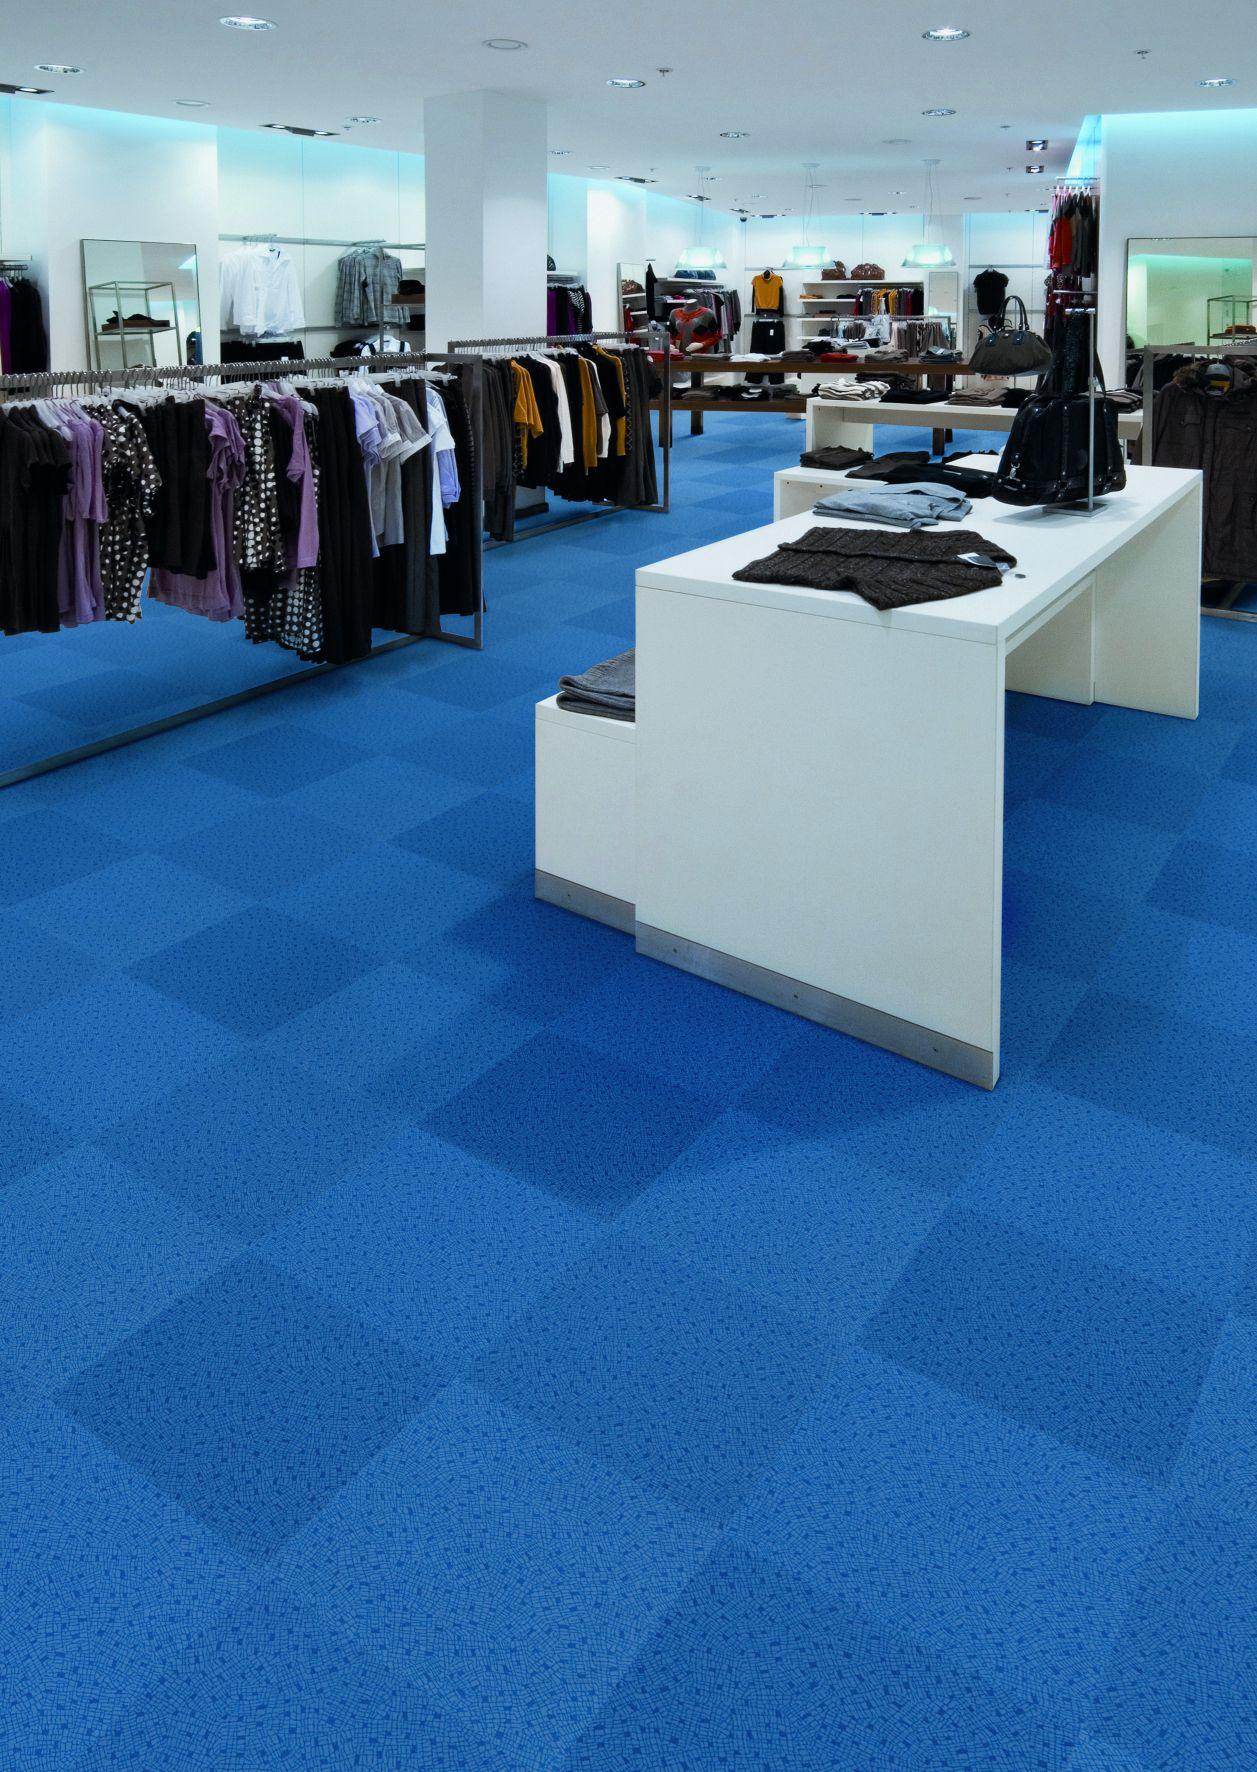 Flotex Palma 380186 blue